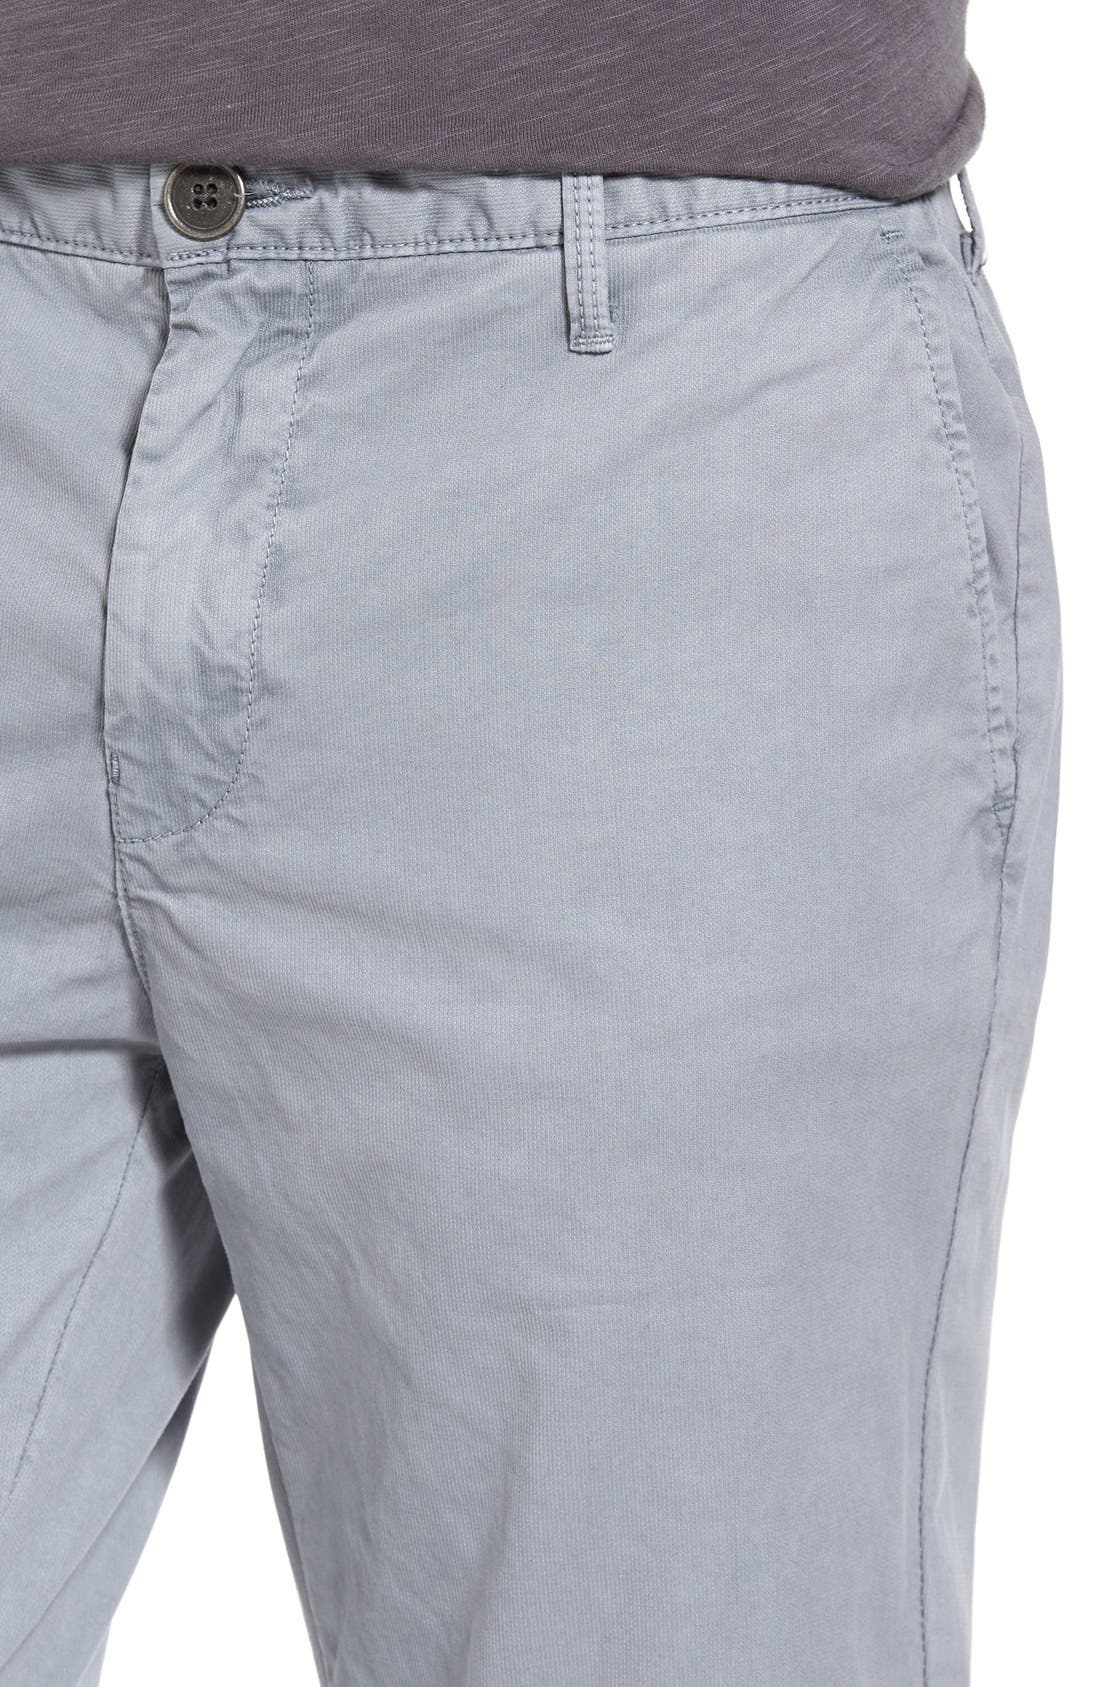 Bloomington Chino Pants,                             Alternate thumbnail 4, color,                             020